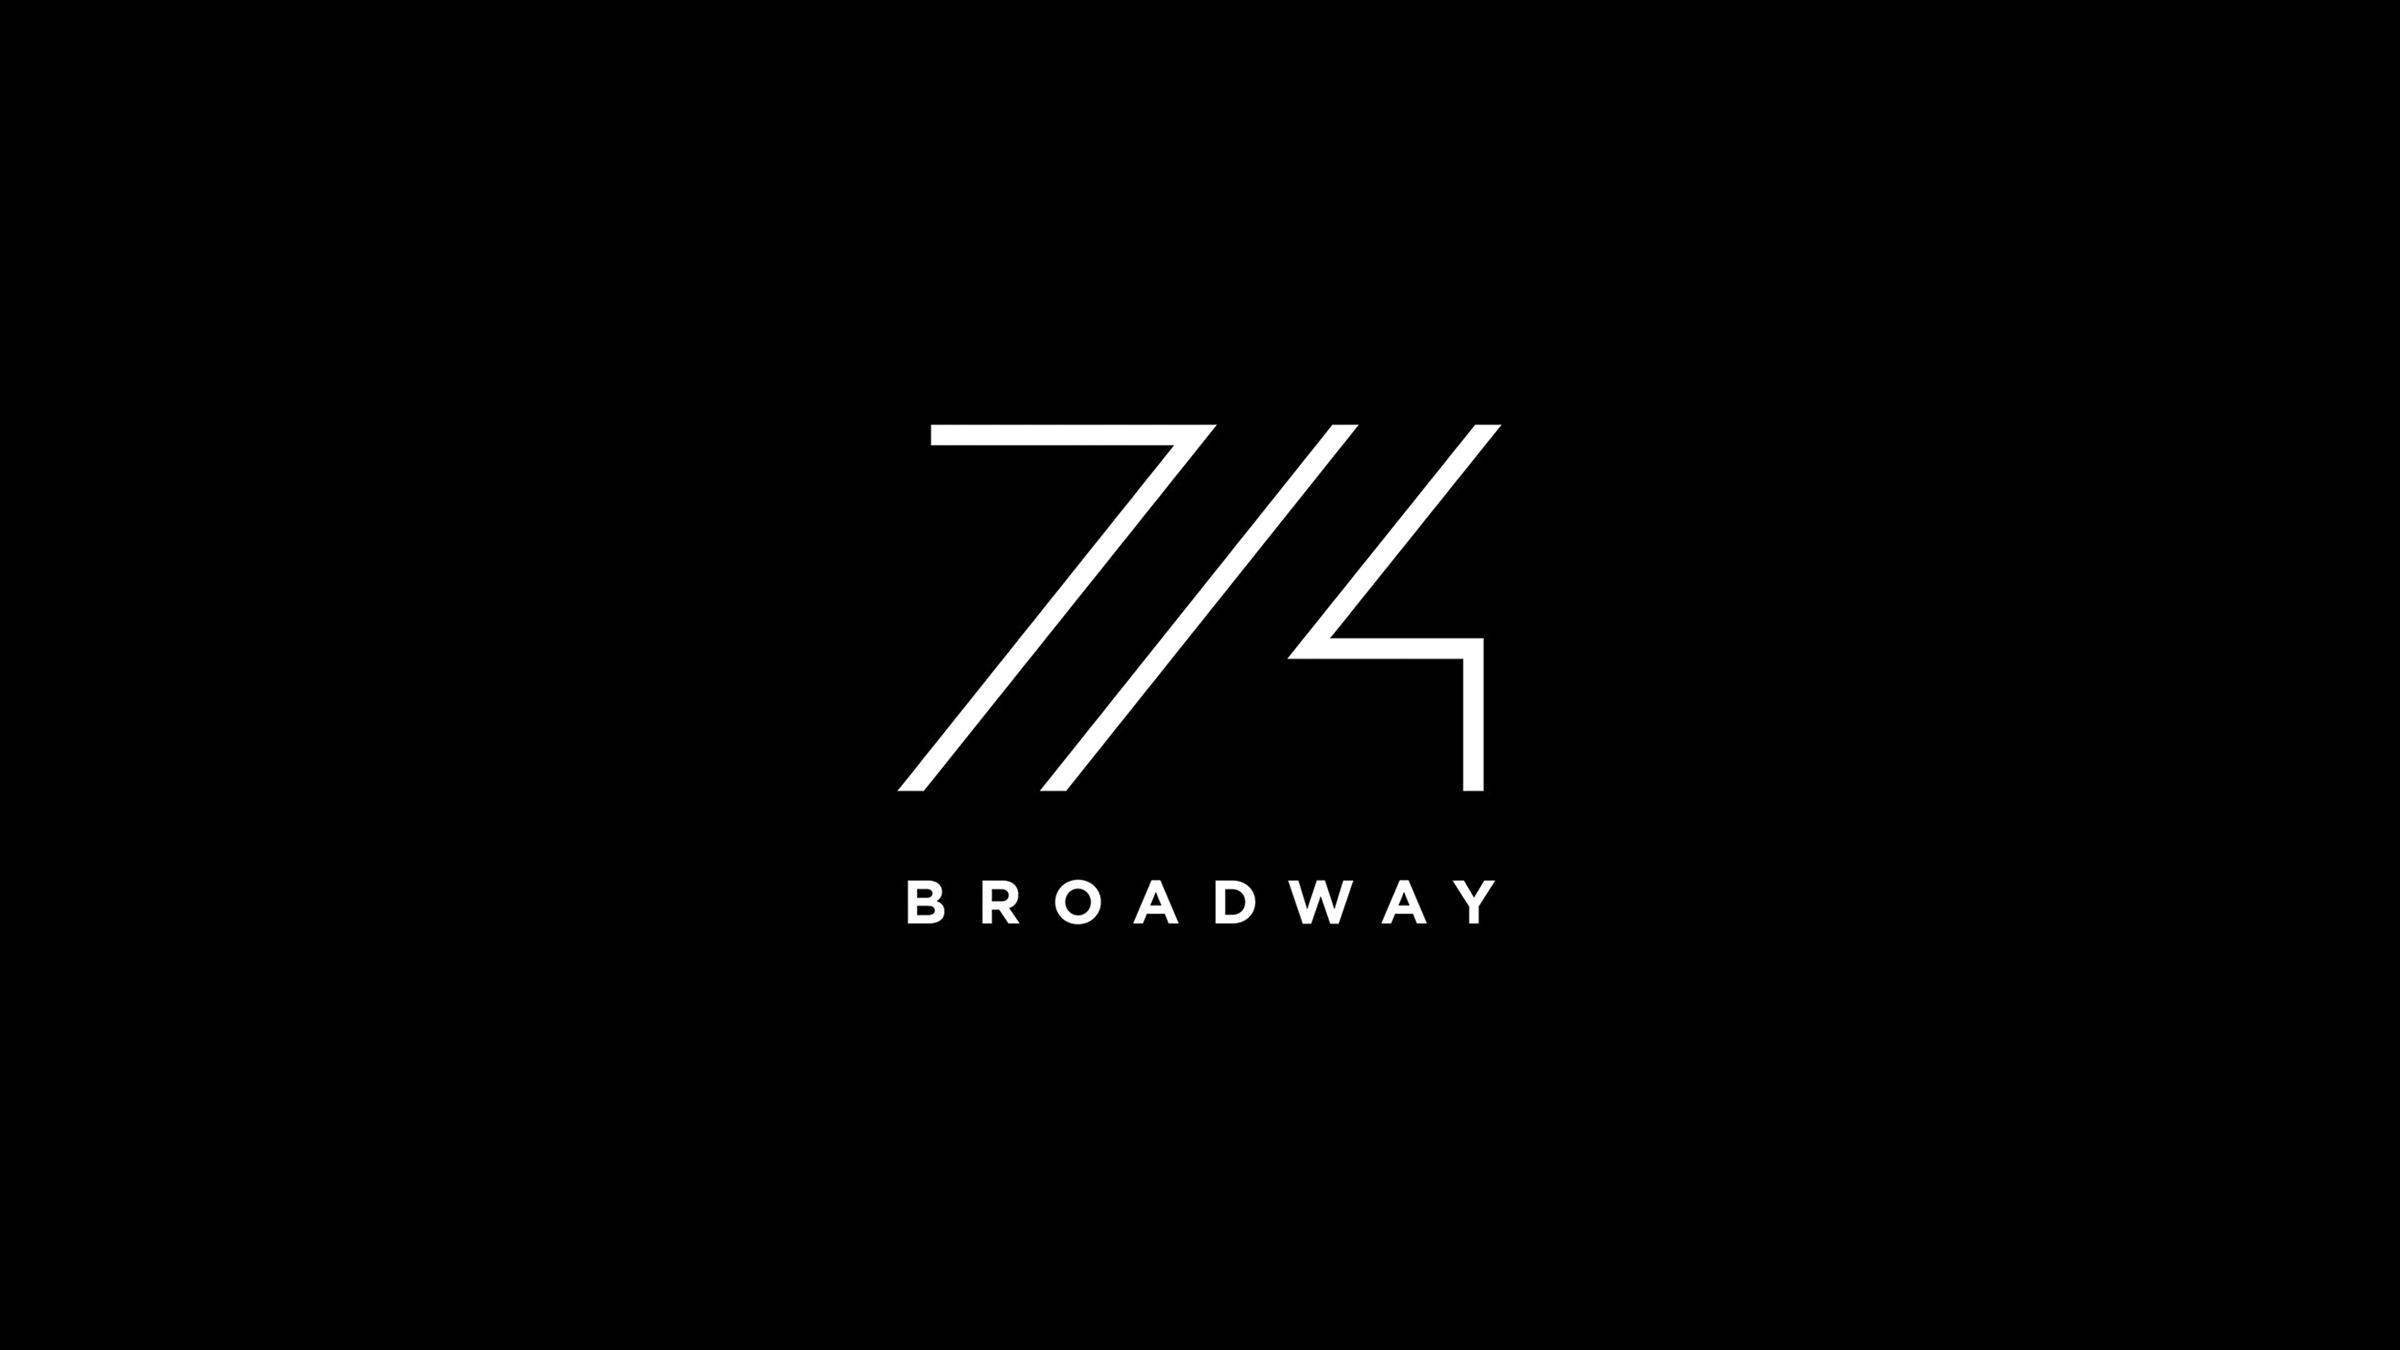 project-thumb-714broadway.jpg